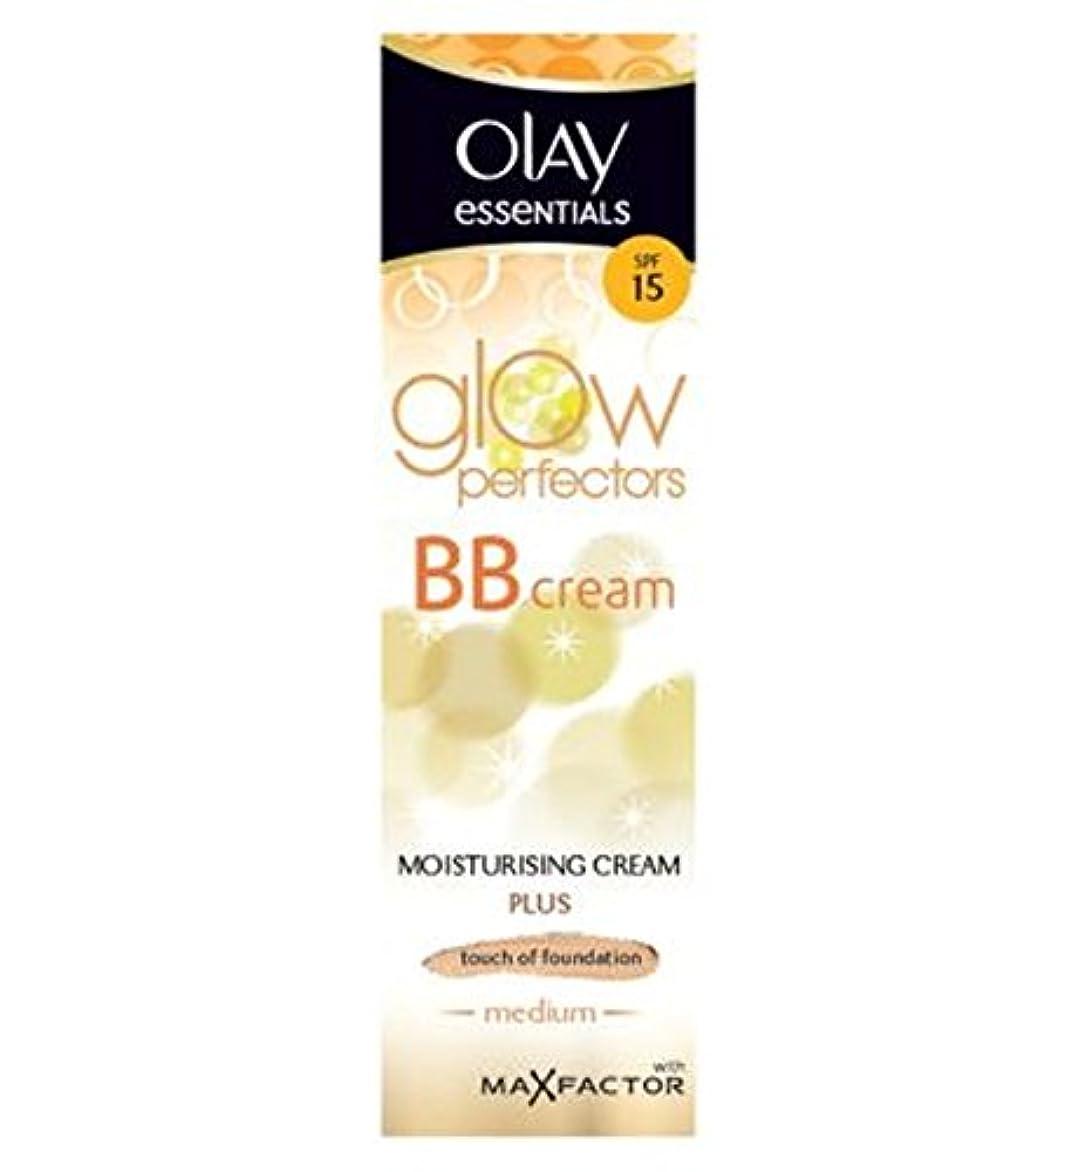 サルベージ記念日療法Olay Complete BB Cream SPF15 Skin Perfecting Tinted Moisturiser 50ml - Medium - 着色保湿50ミリリットルを完成オーレイ完全なBbクリームSpf15スキン - 中 (Olay) [並行輸入品]